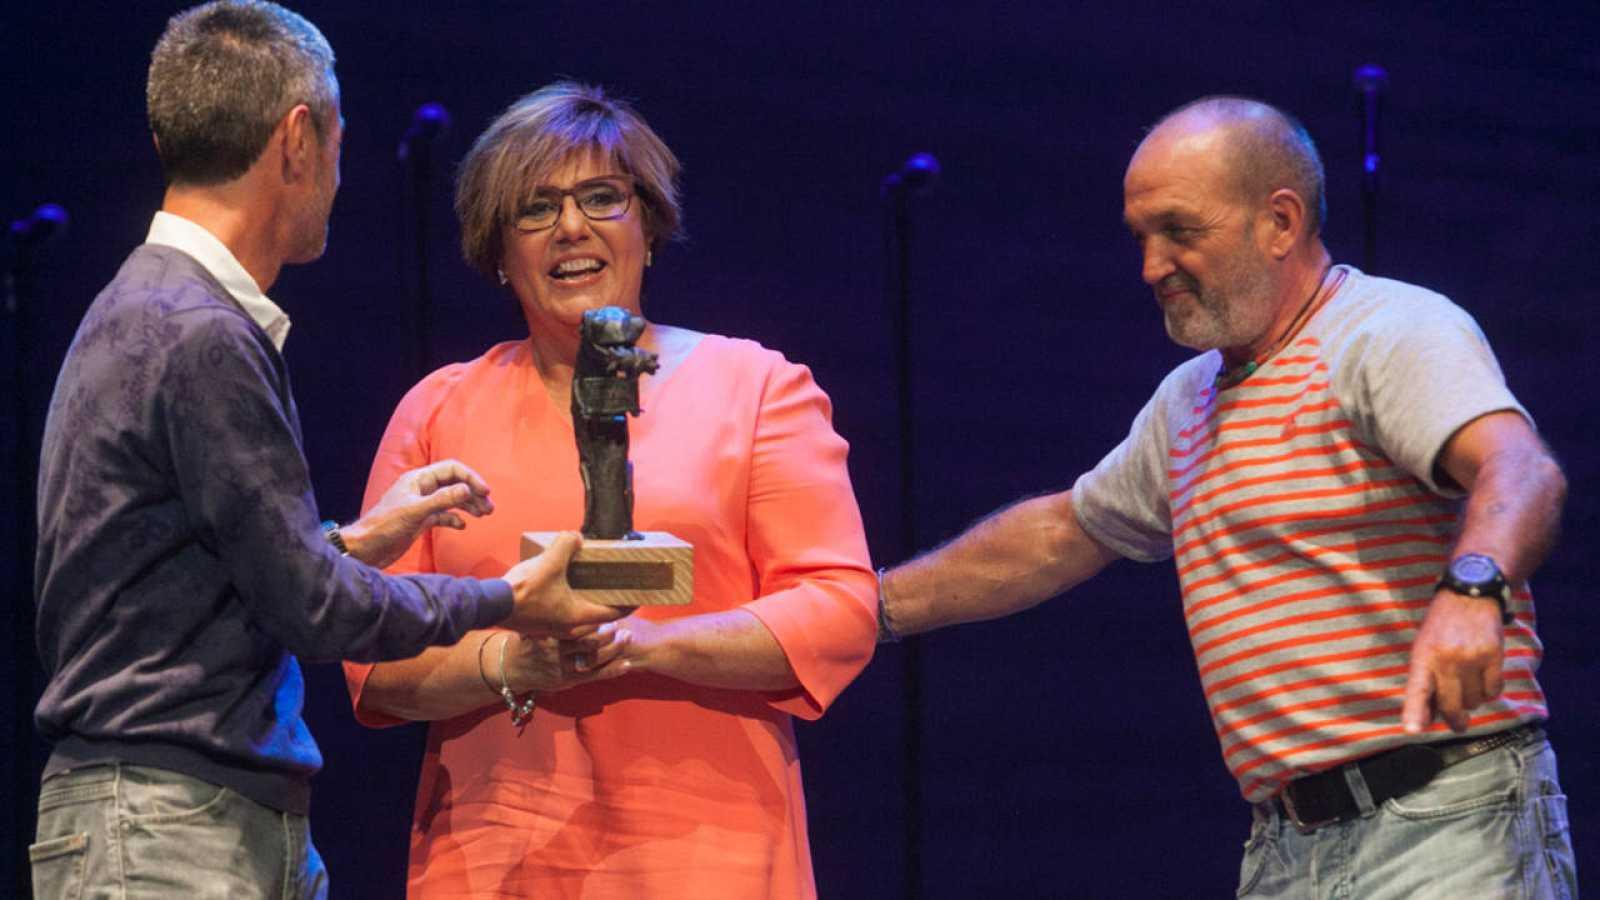 María Escario recoge su premio en la gala de clausura del FesTVal de Vitoria